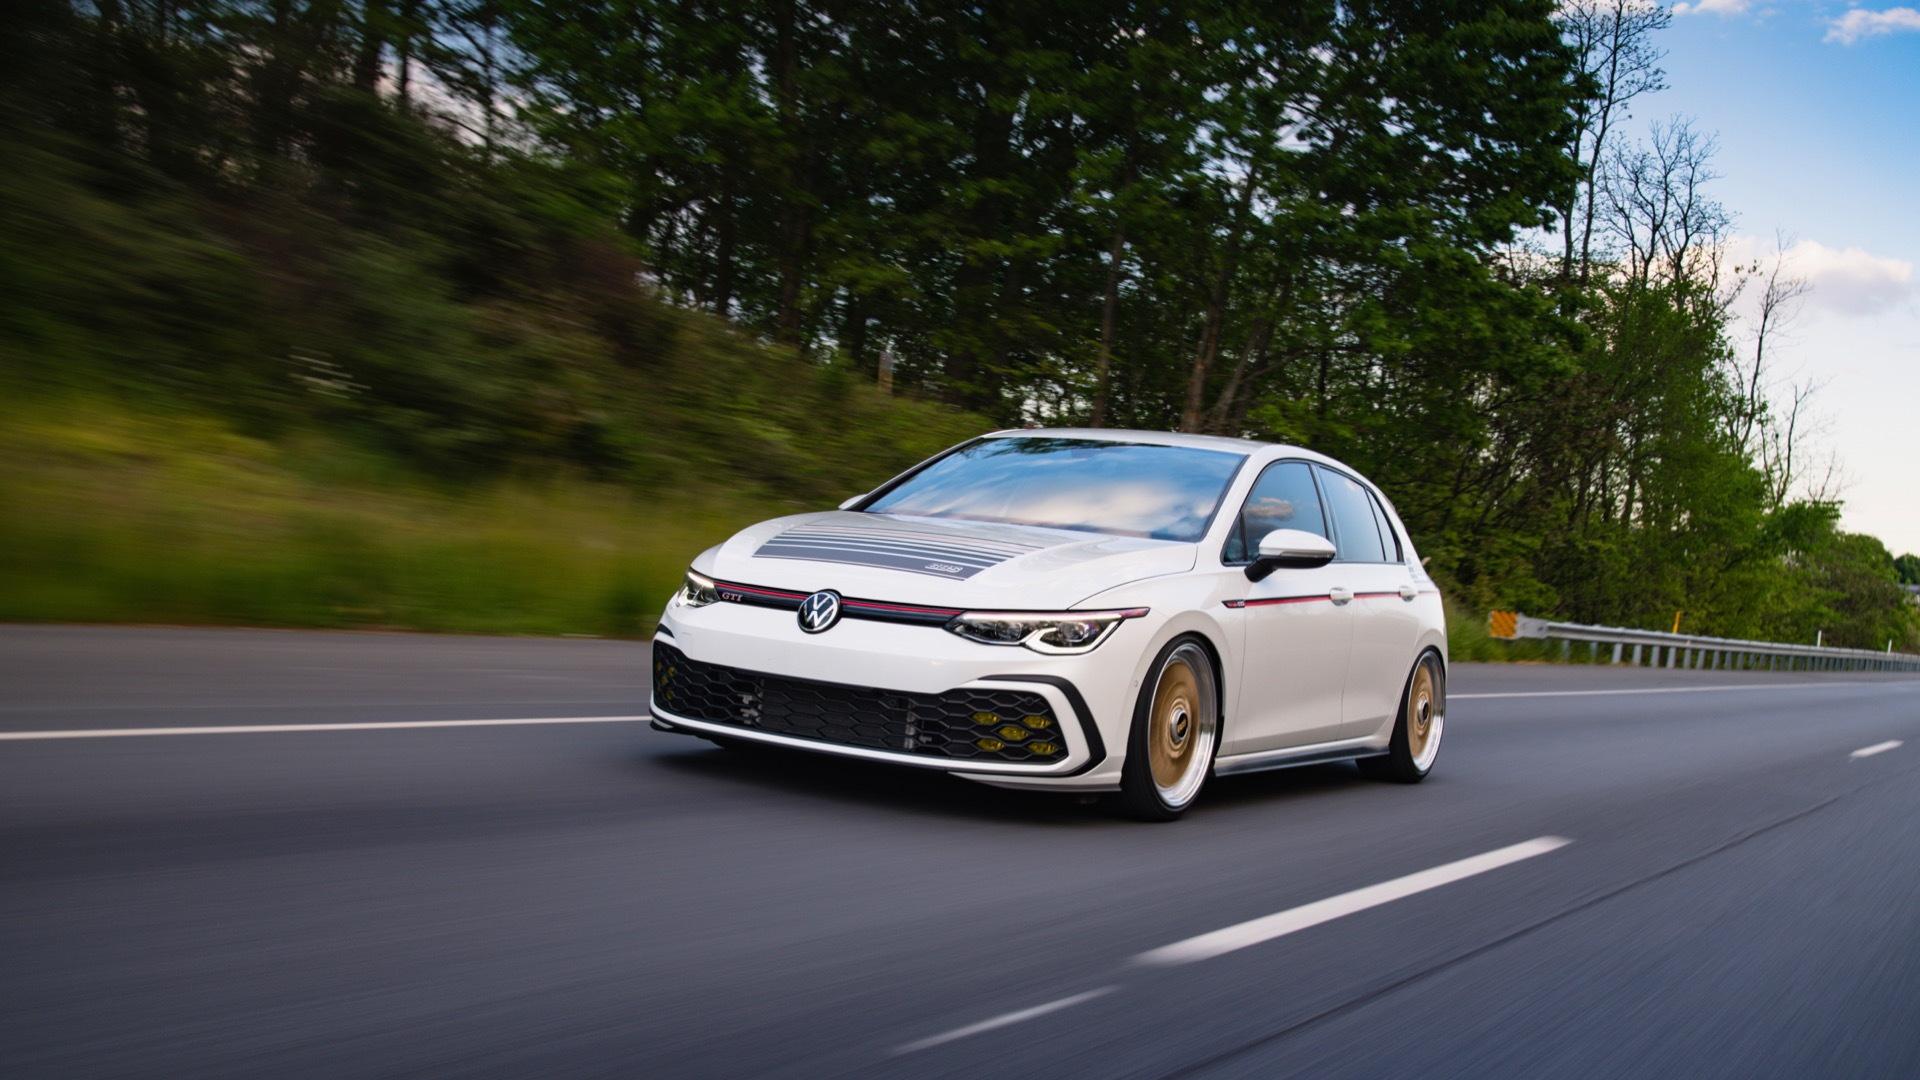 2022 Volkswagen Golf GTI BBS concept